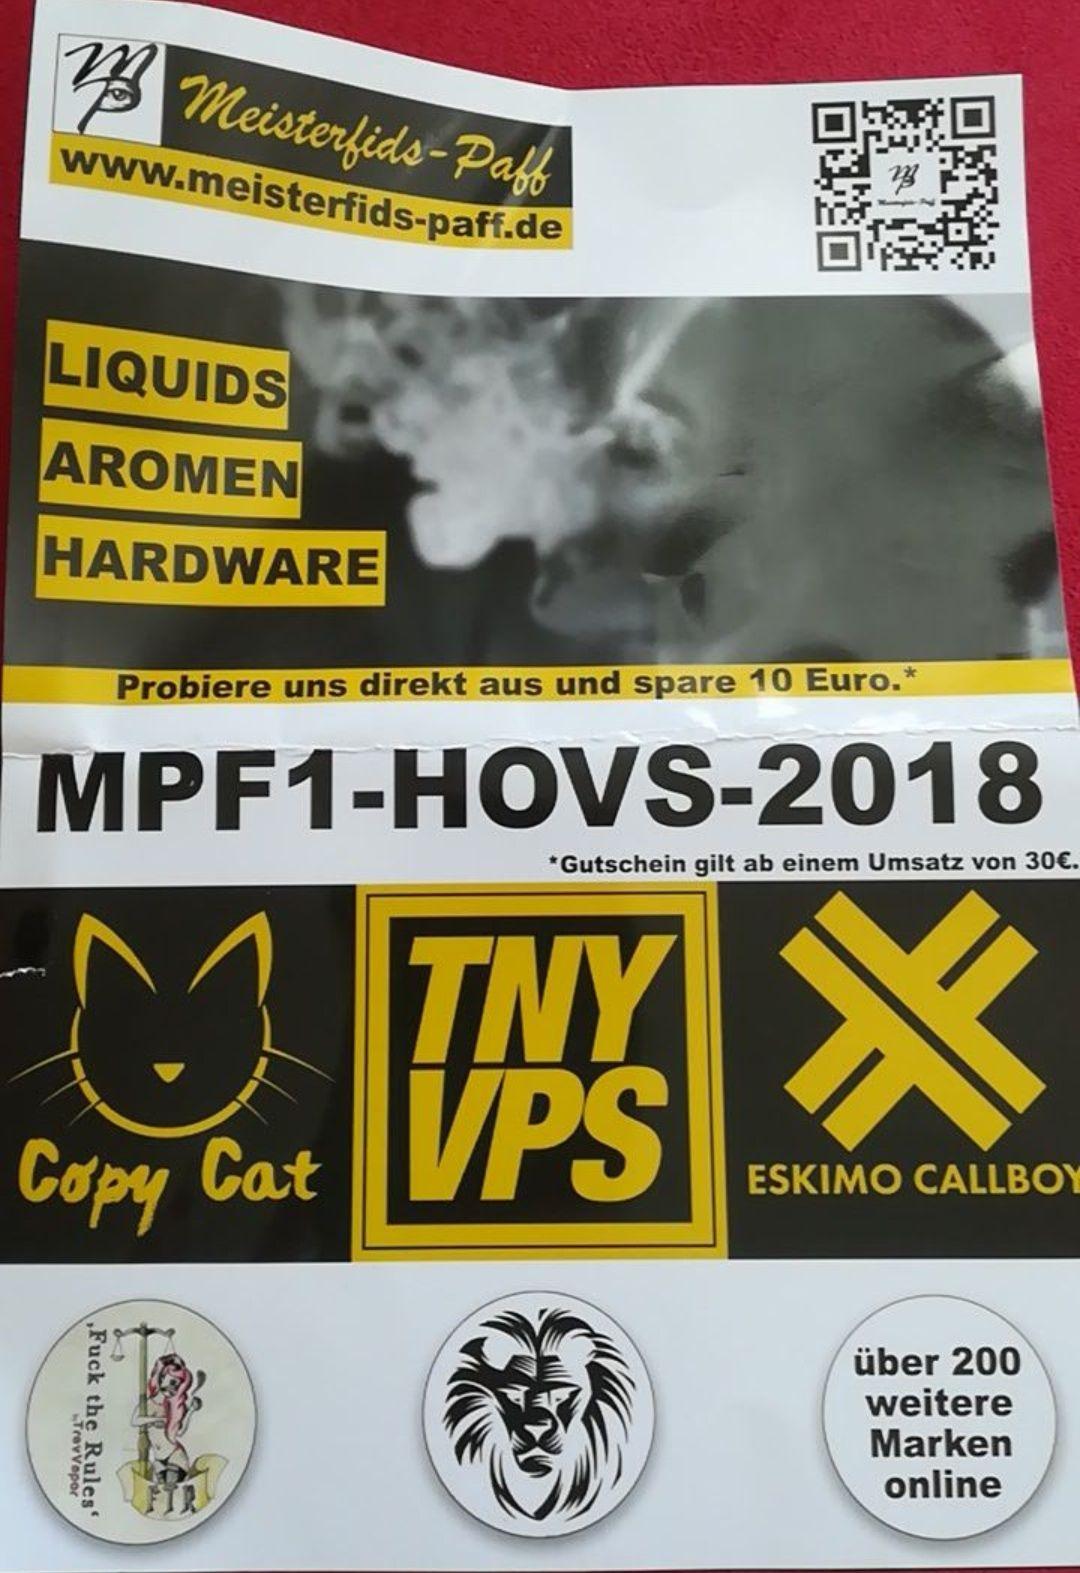 10€ Gutschein bei Meisterfids Paff (Liquids, Dampfer Hardware, ...)